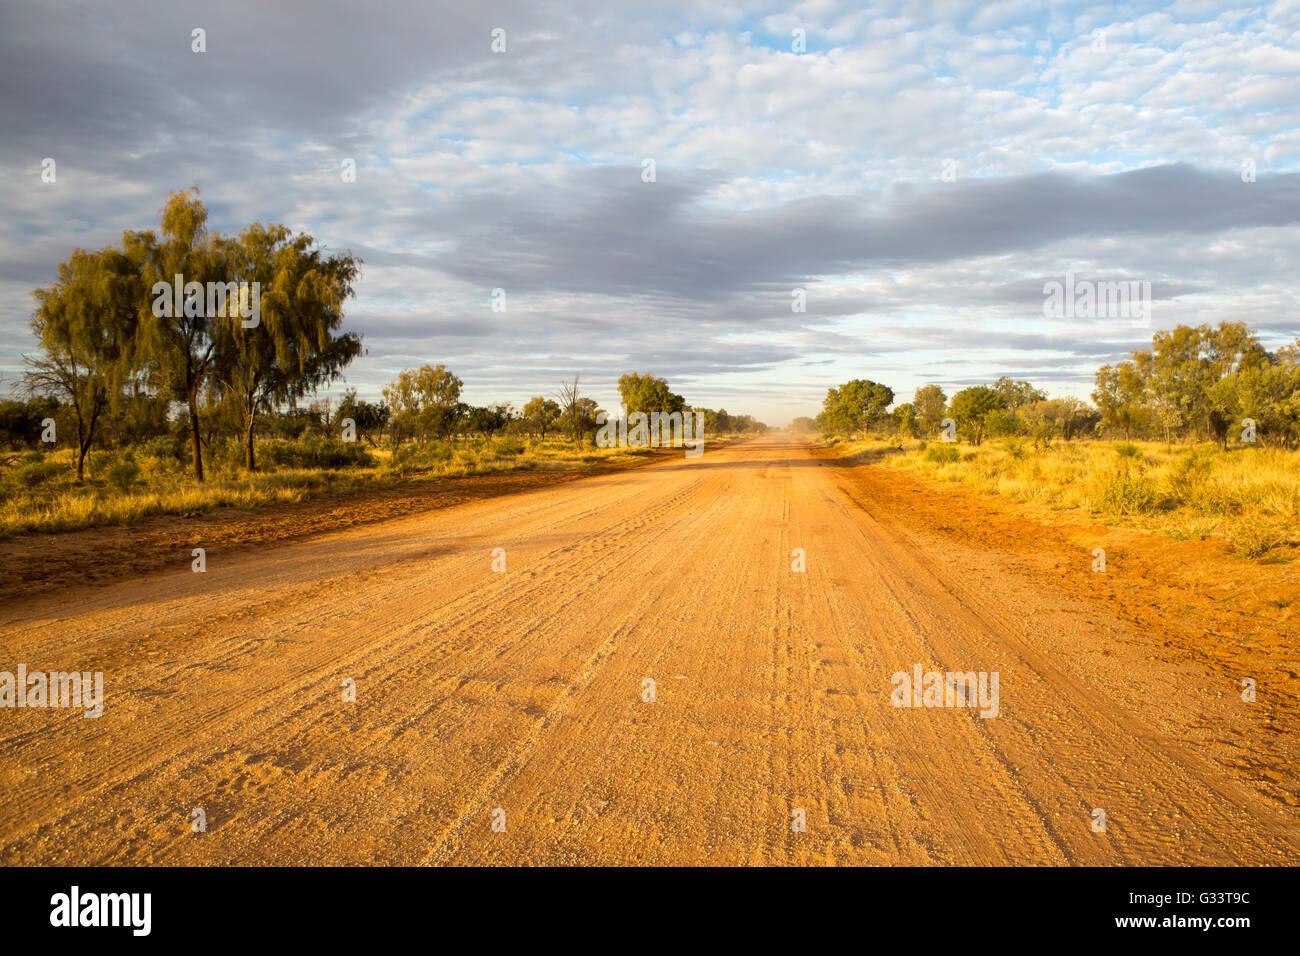 Viel Highway in der Nähe von Gemtree im Northern Territory, Australien Stockbild